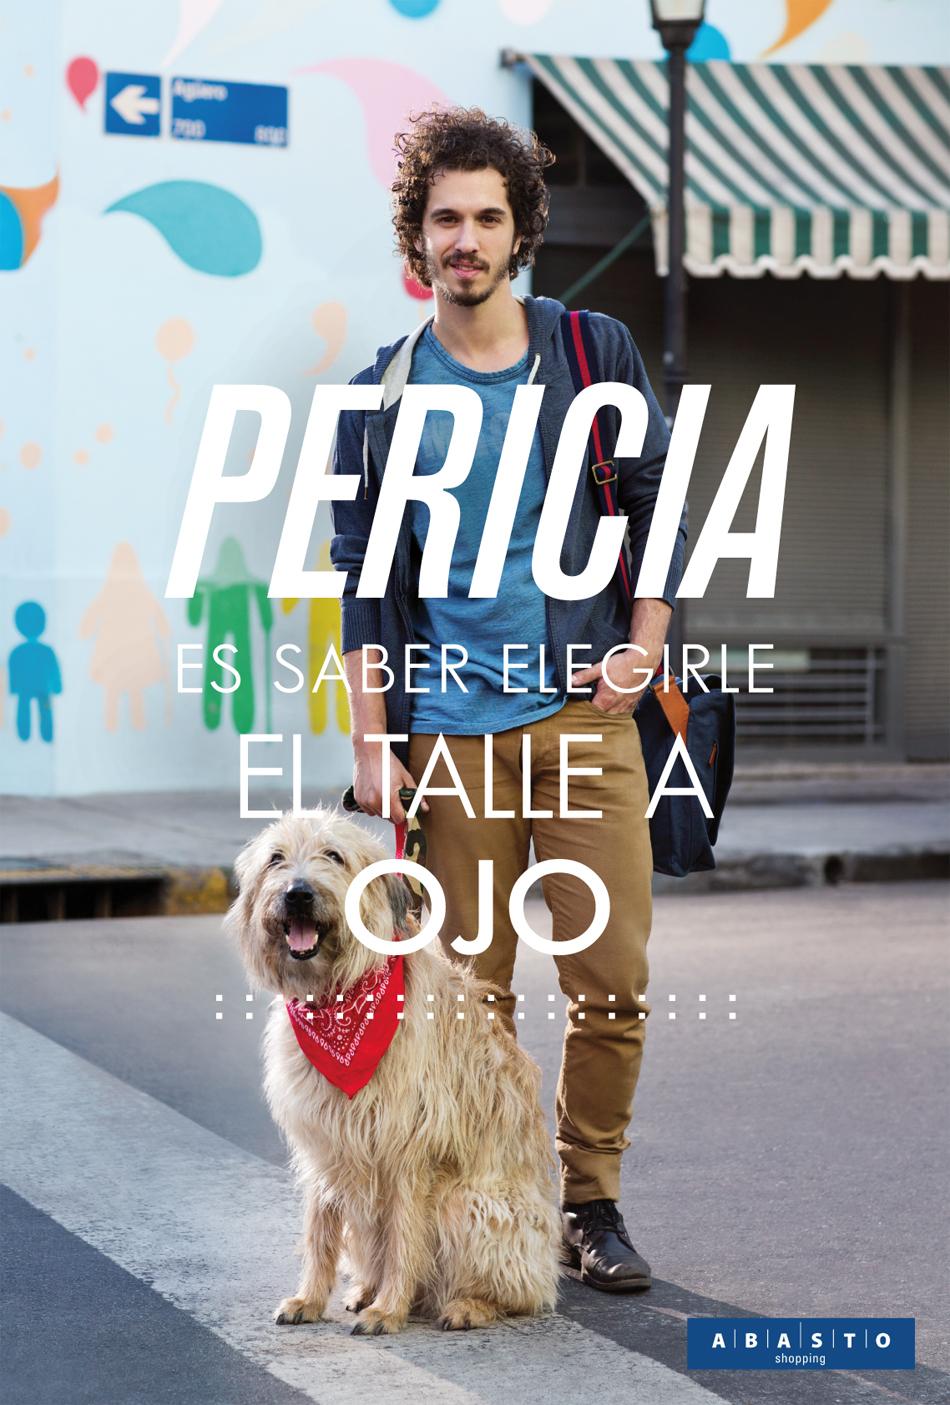 PERICIA-BAJA.jpg